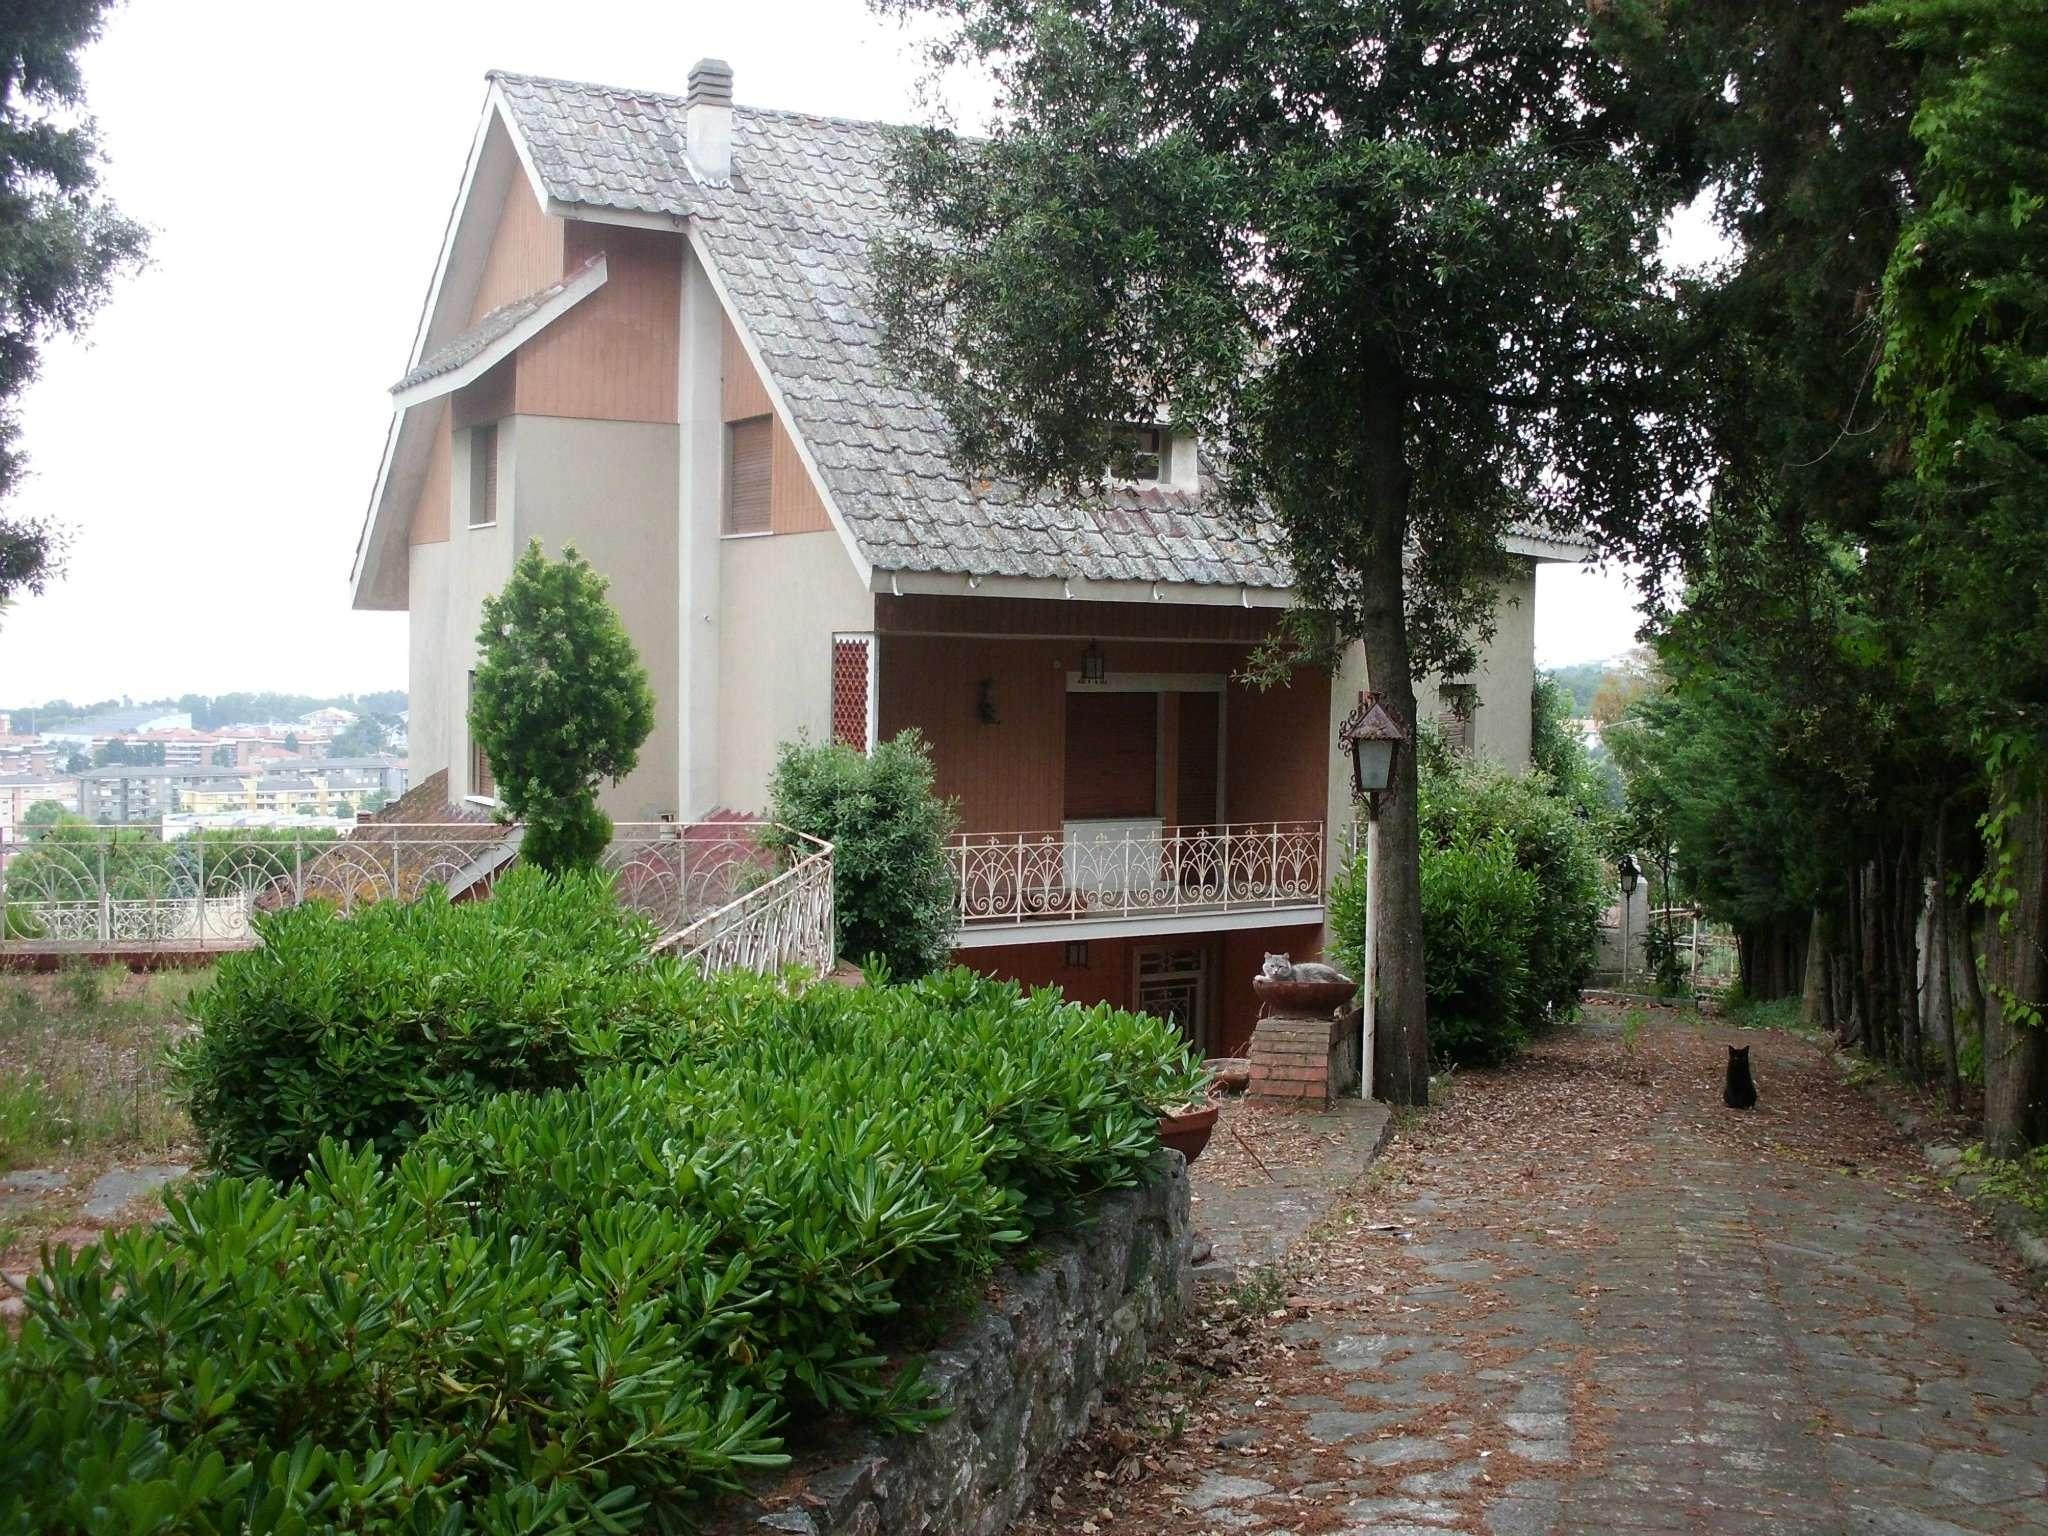 Soluzione Indipendente in affitto a Montesilvano, 9 locali, prezzo € 480.000 | Cambio Casa.it